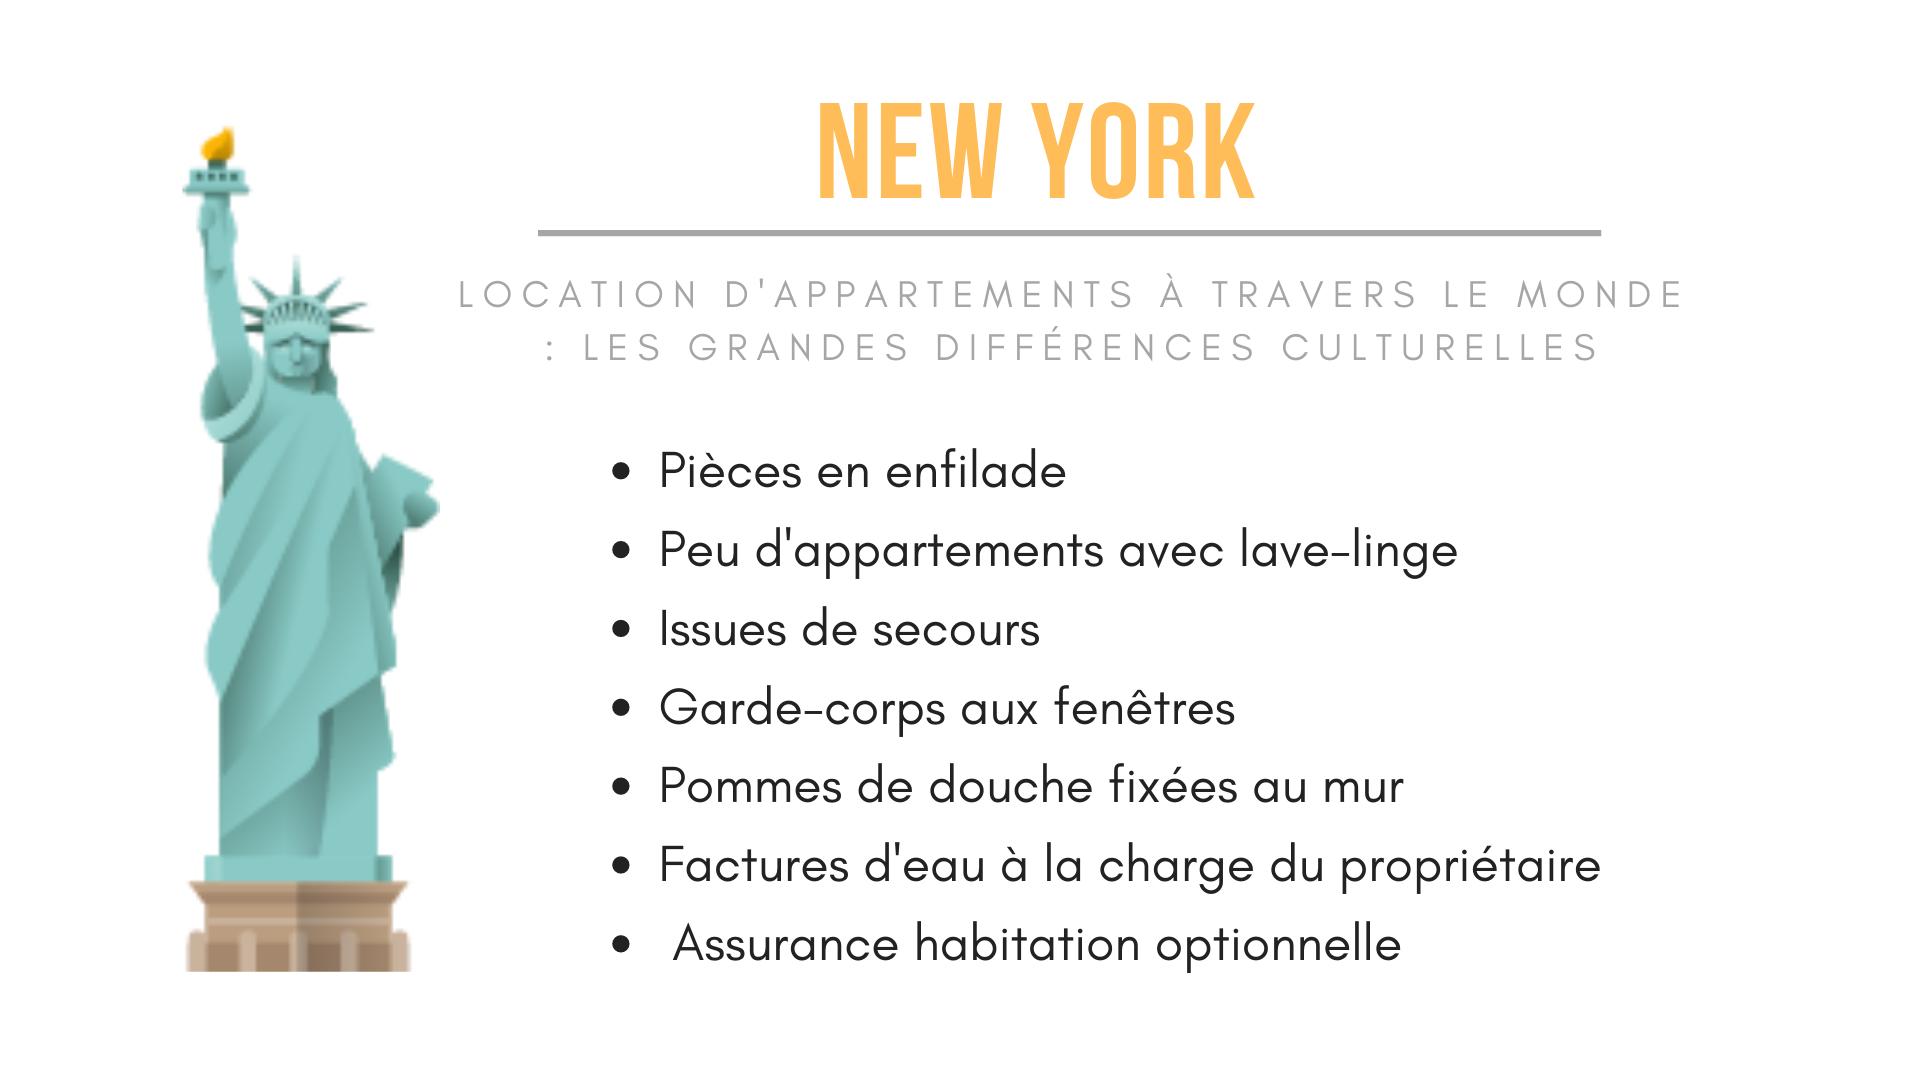 Infographie de New York Habitat expliquant les particularités des locations à New York.